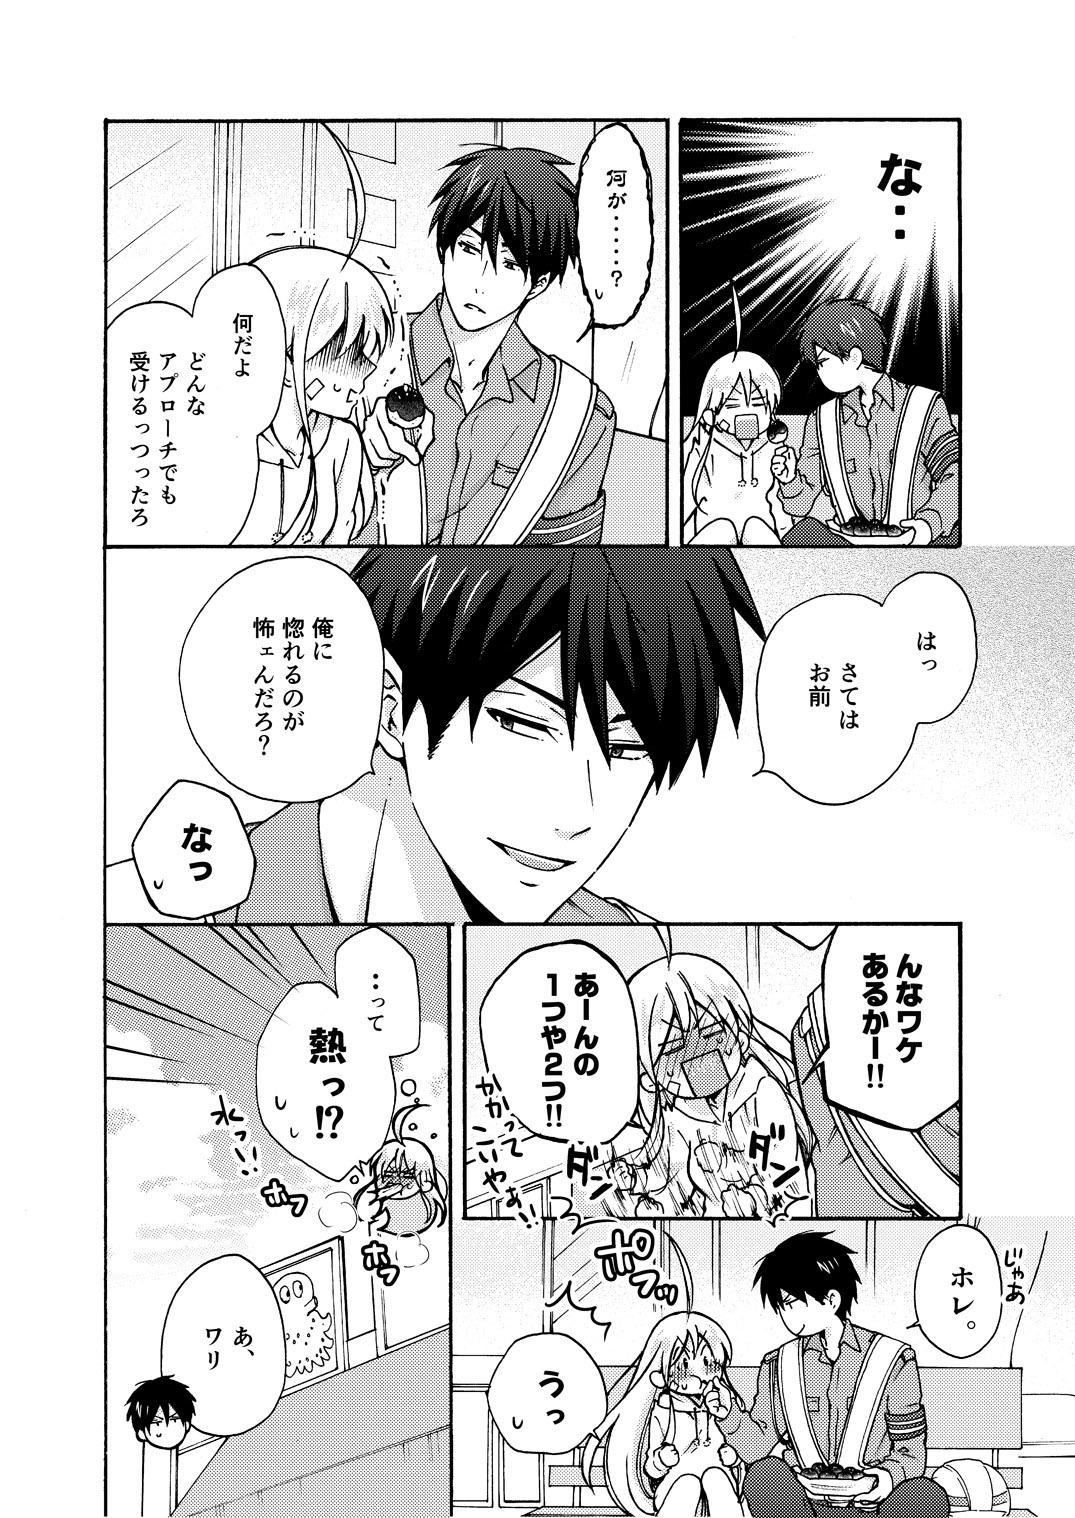 Nyotaika Yankee Gakuen ☆ Ore no Hajimete, Nerawaretemasu. 9 16